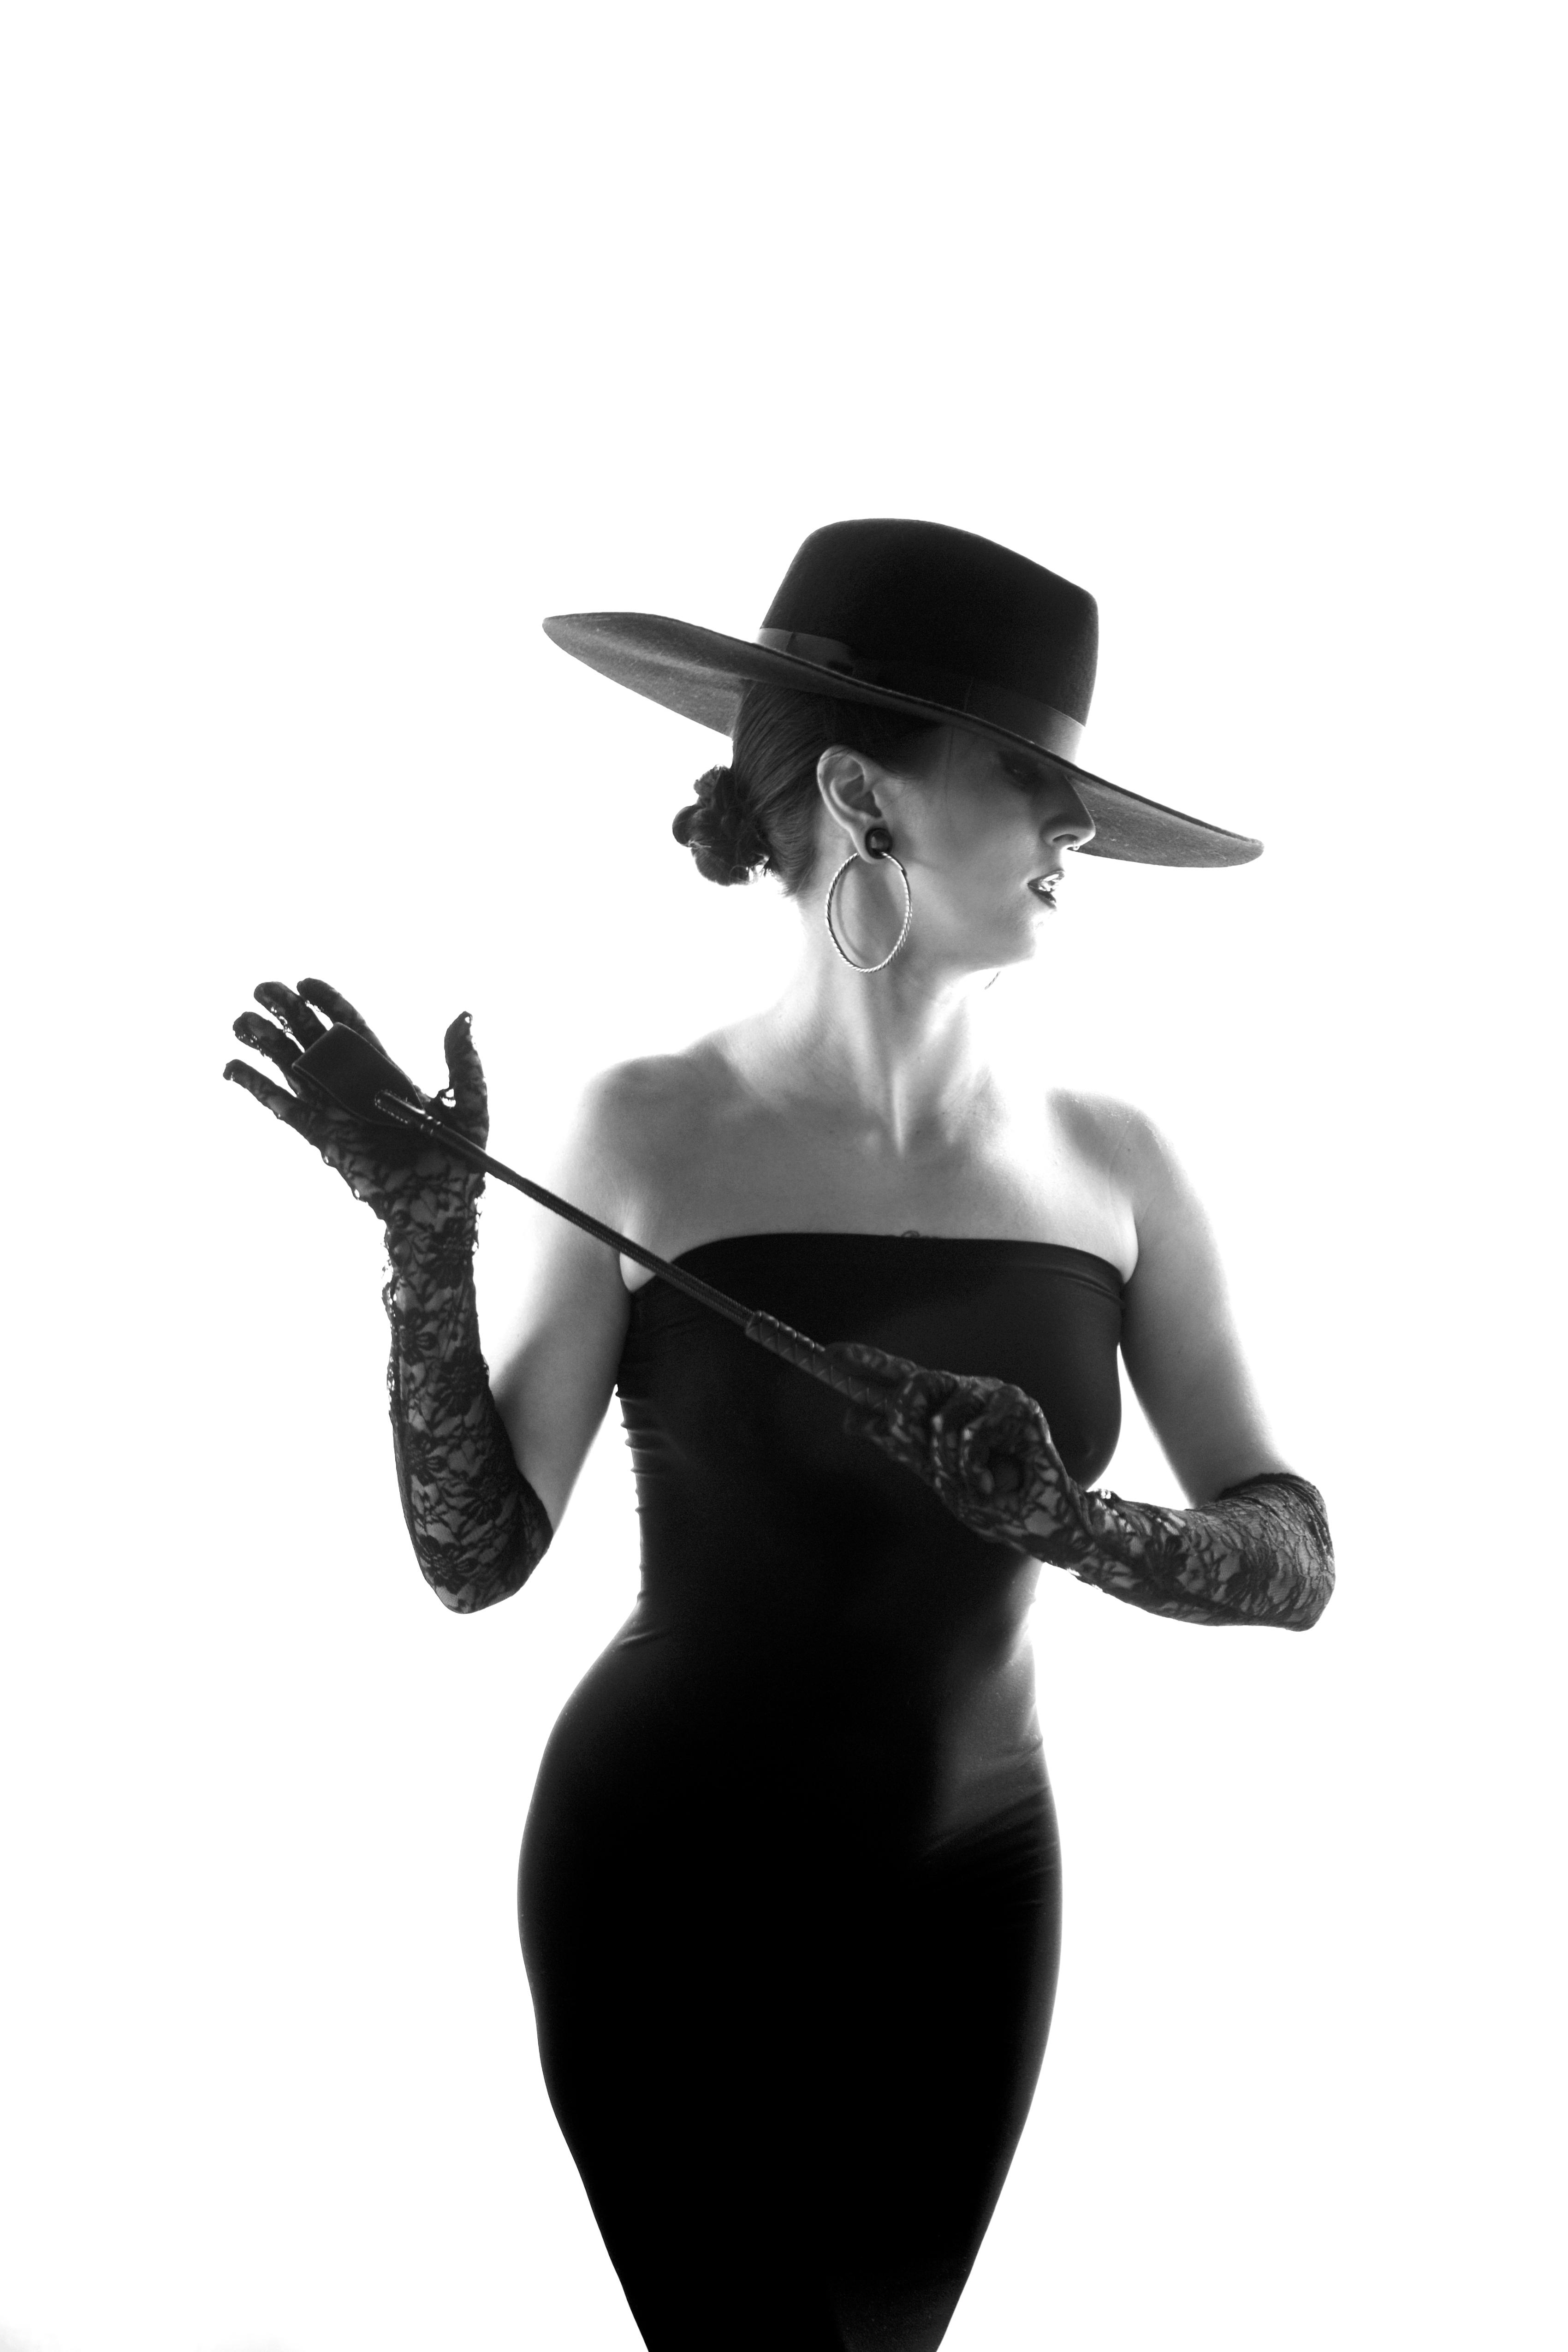 Eva Lane